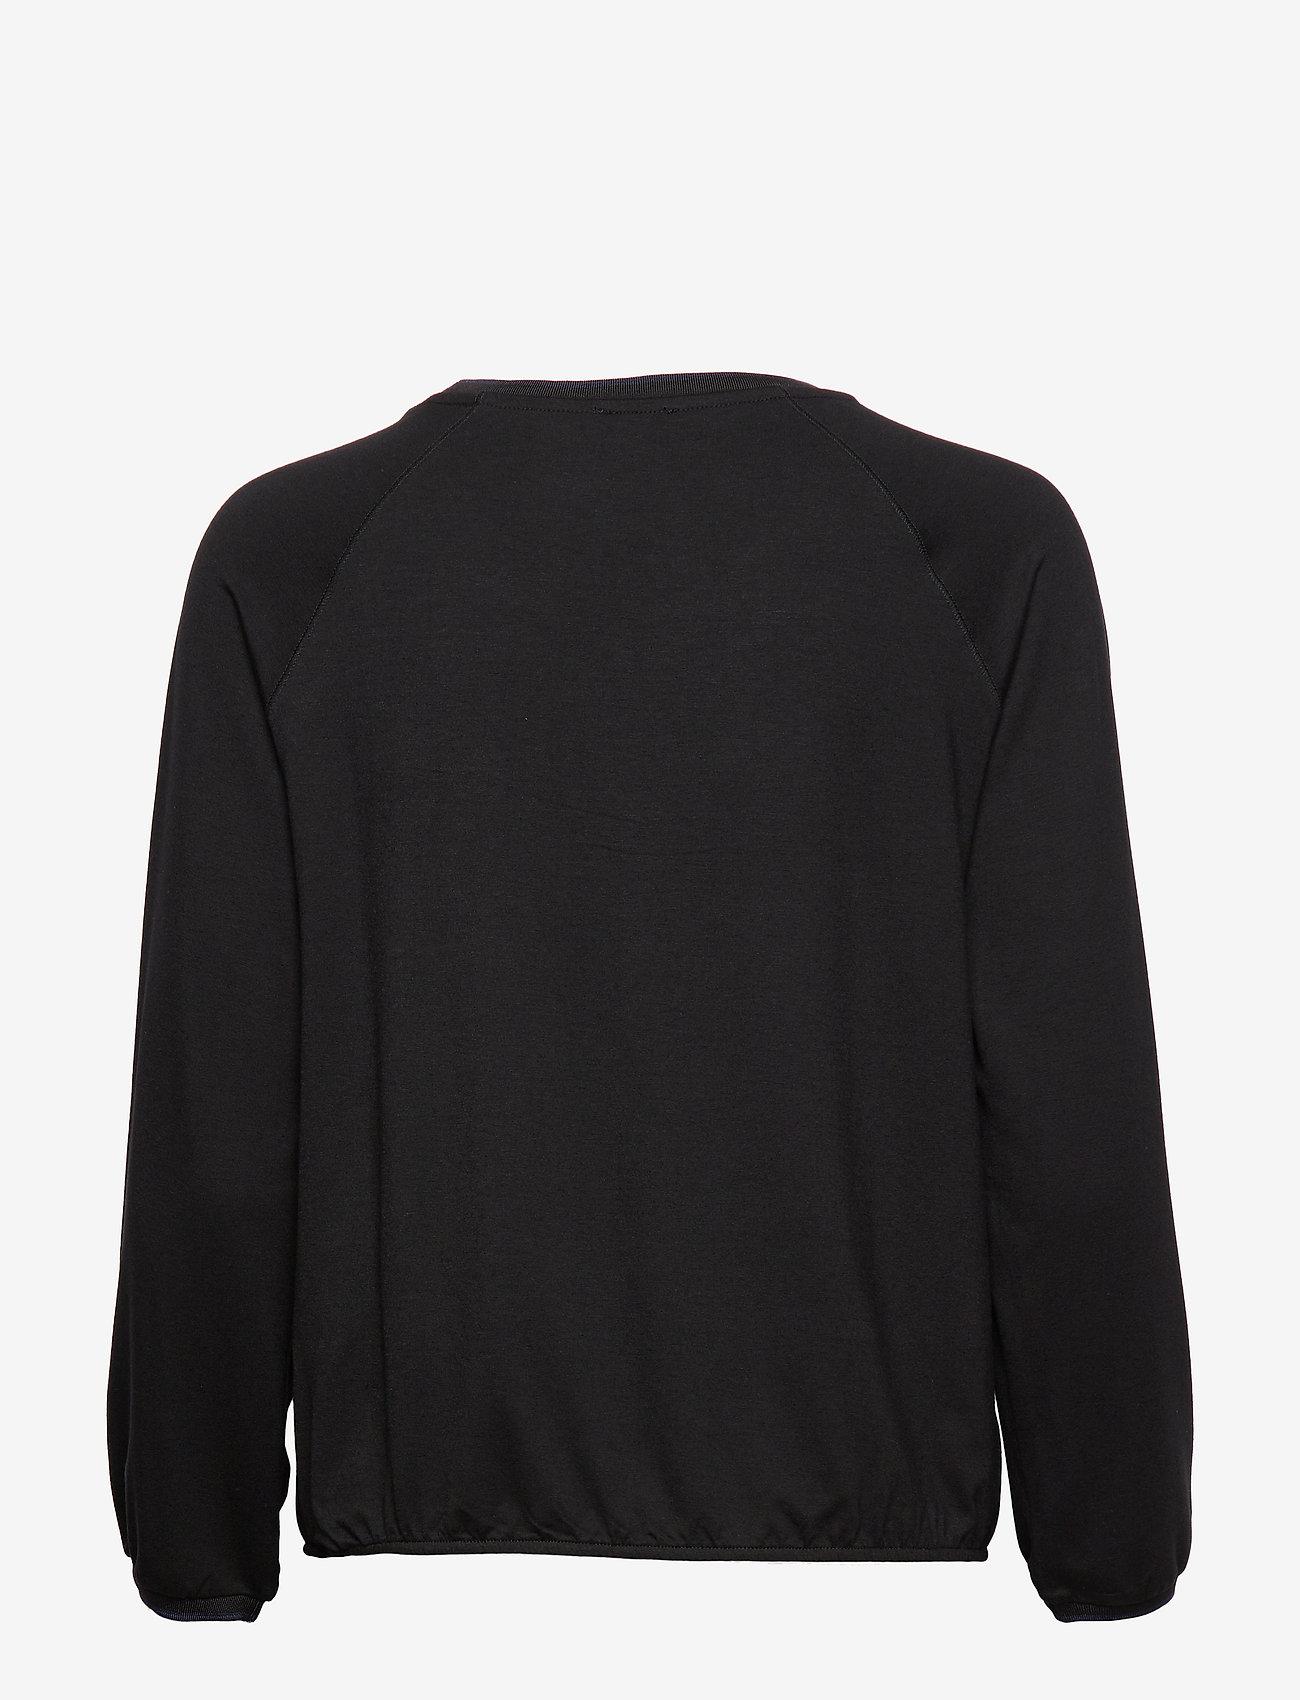 Gerry Weber T-shirt Long-sleeve - Blouses & Shirts